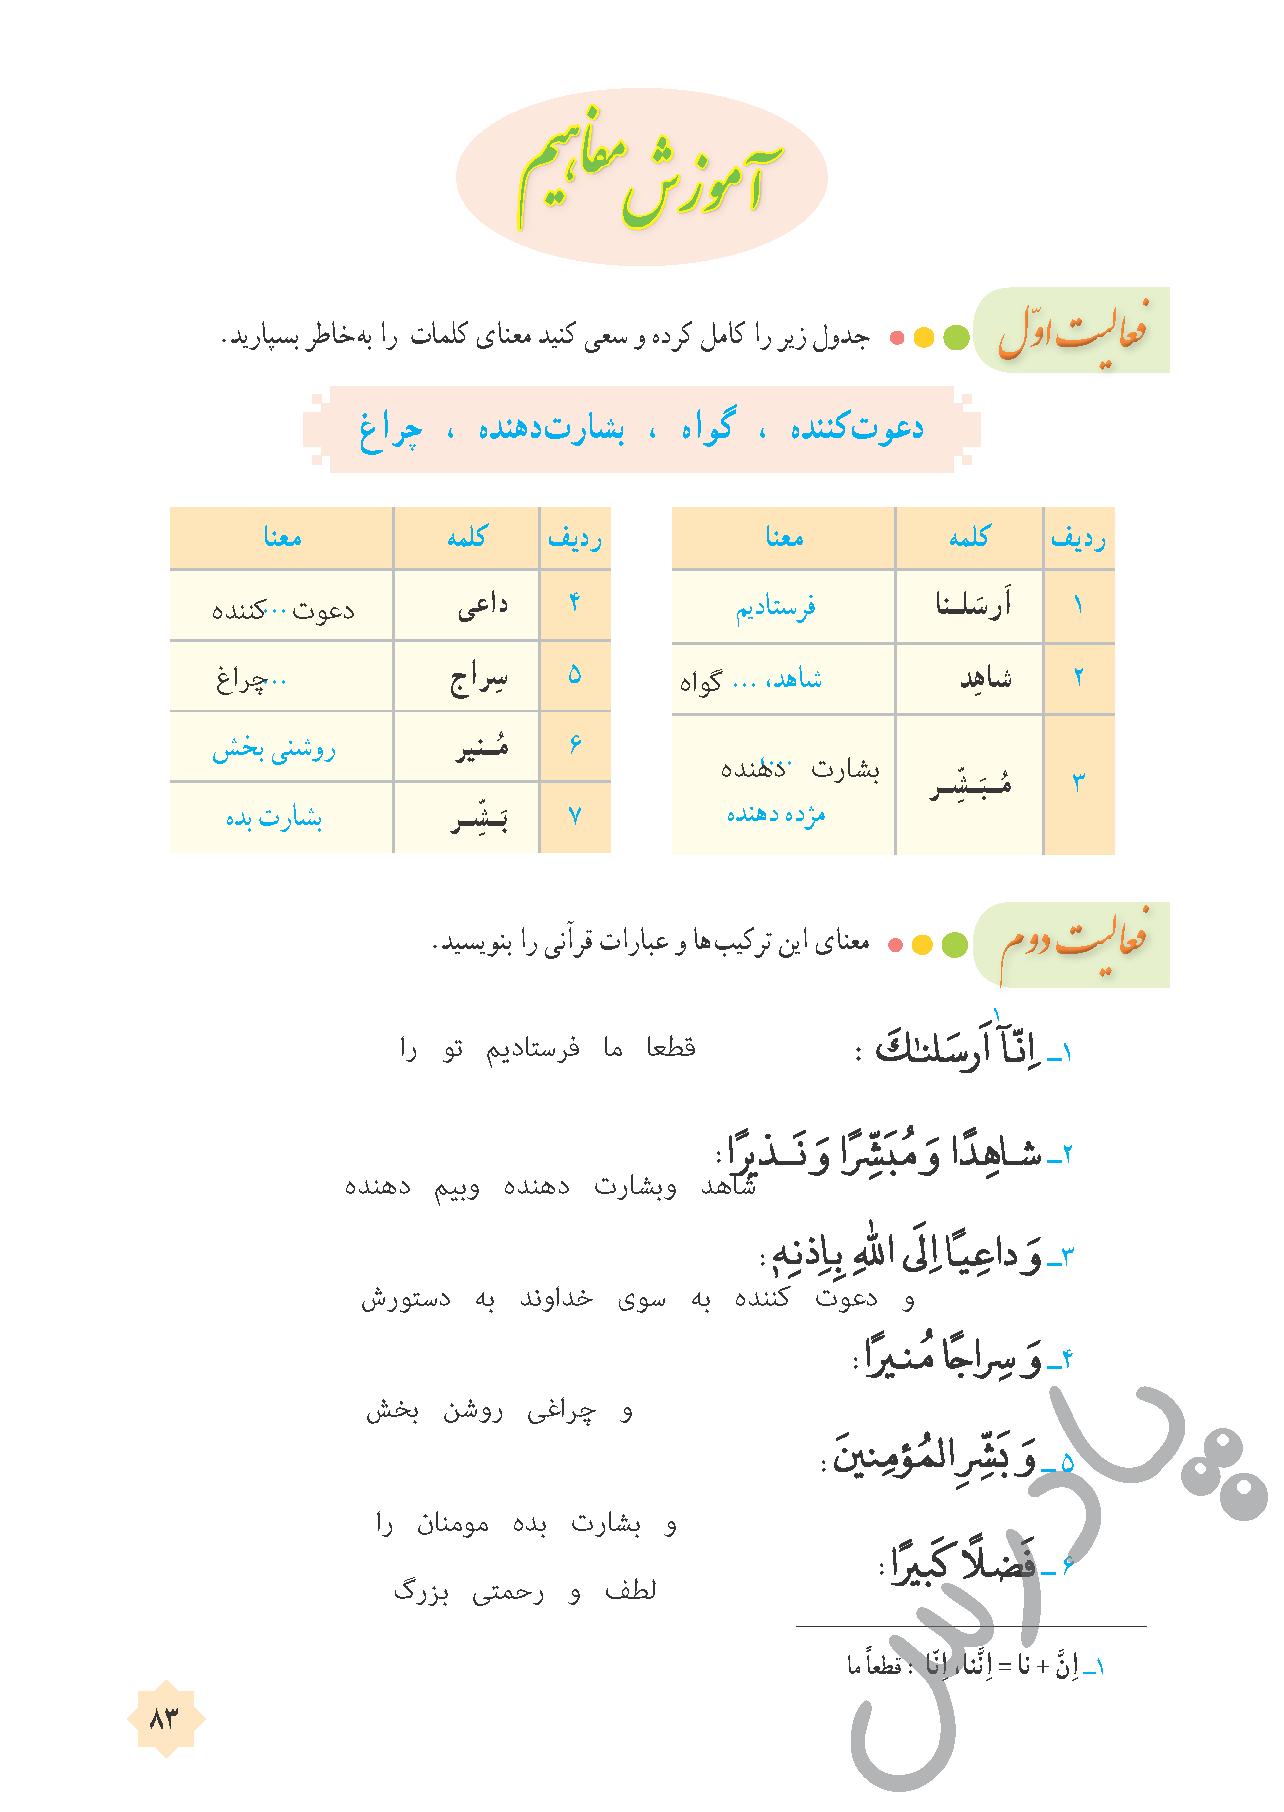 پاسخ فعالیت های درس 8 قرآن هشتم - جلسه دوم